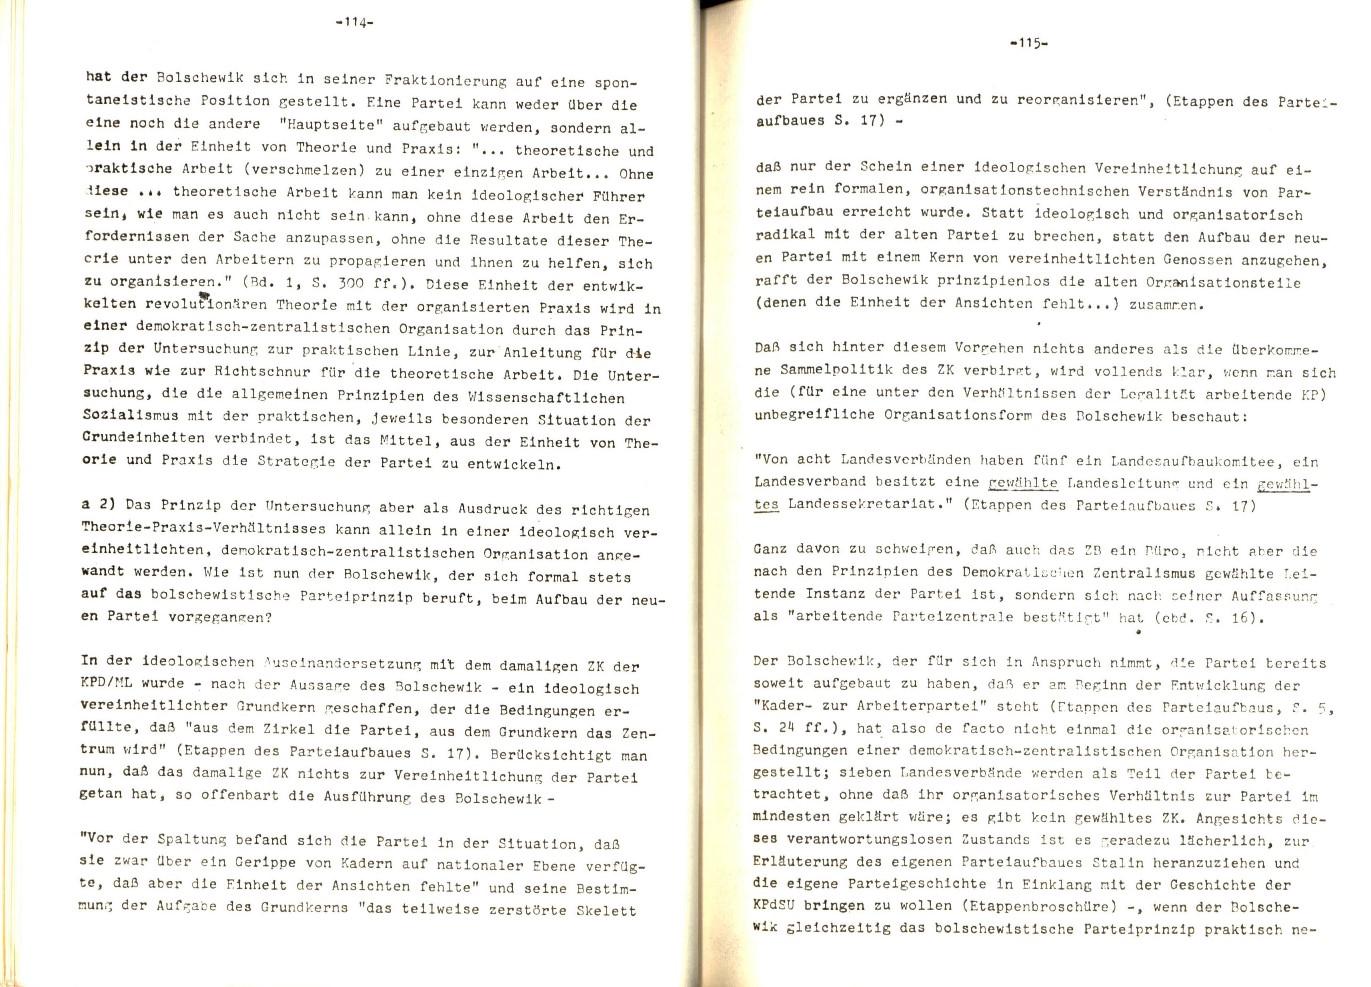 PLPI_1971_Aufloesung_60